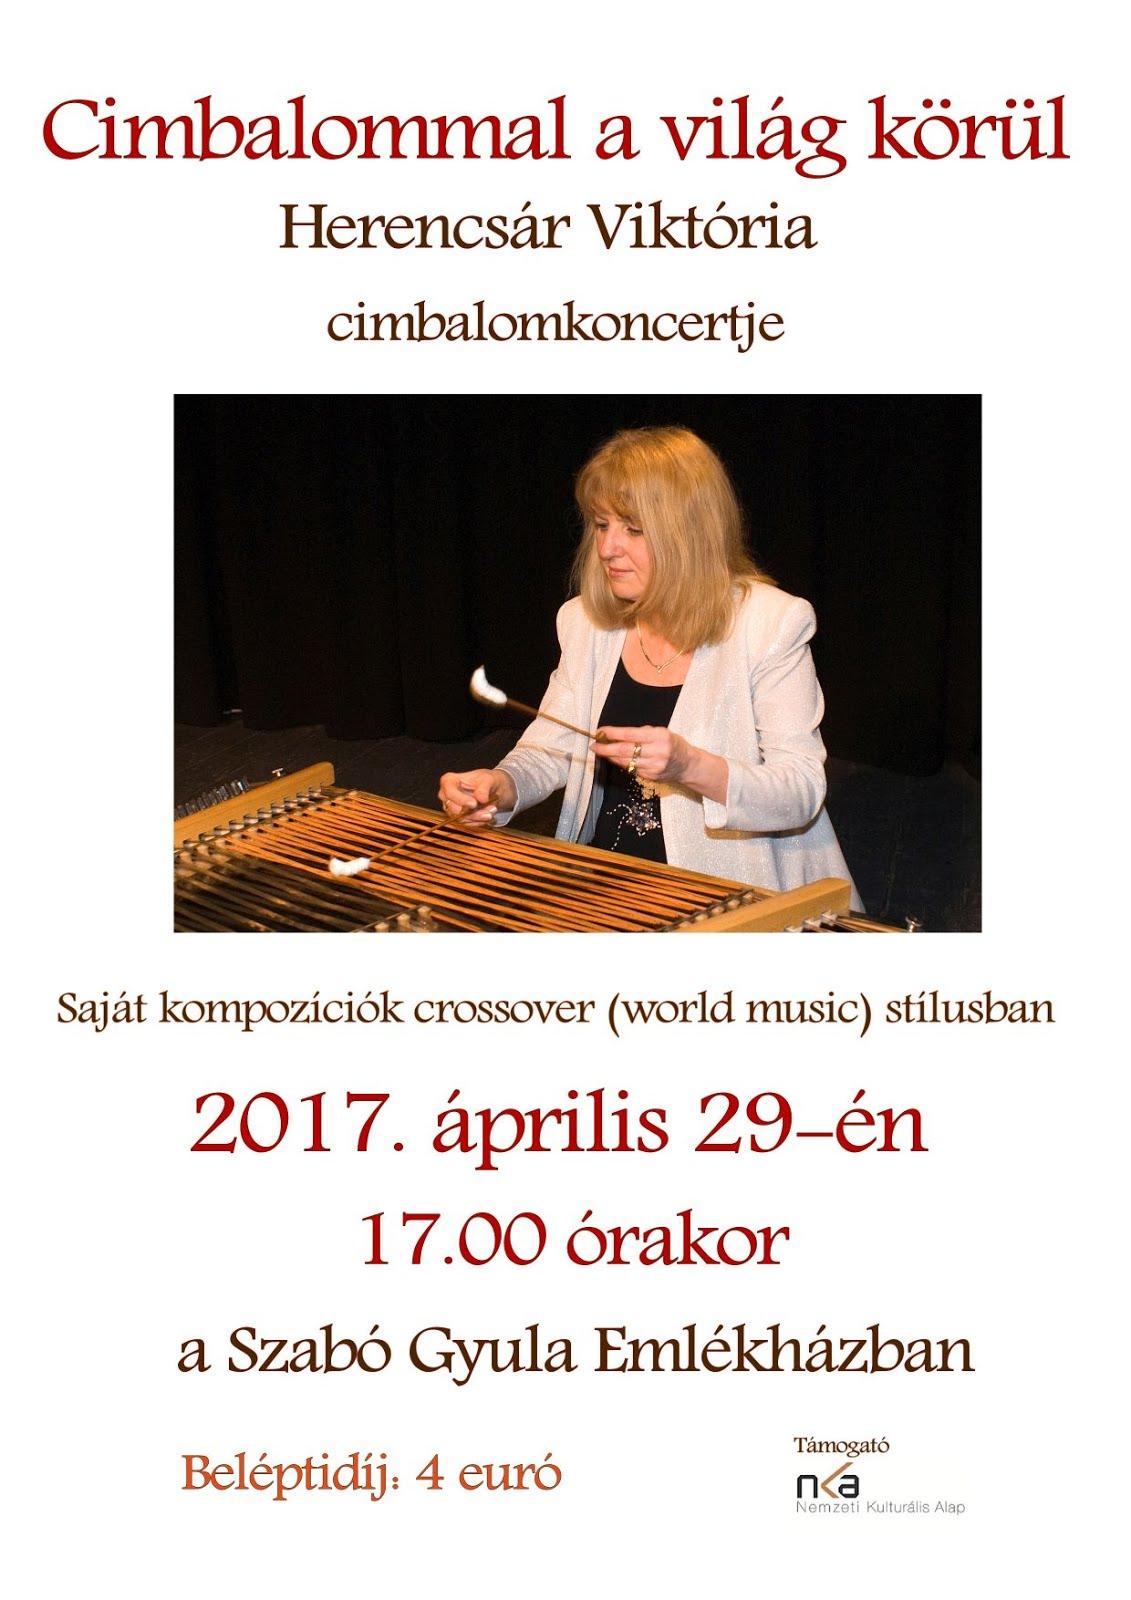 Cimbalomkoncert a Sz. Gy. Emlékházban